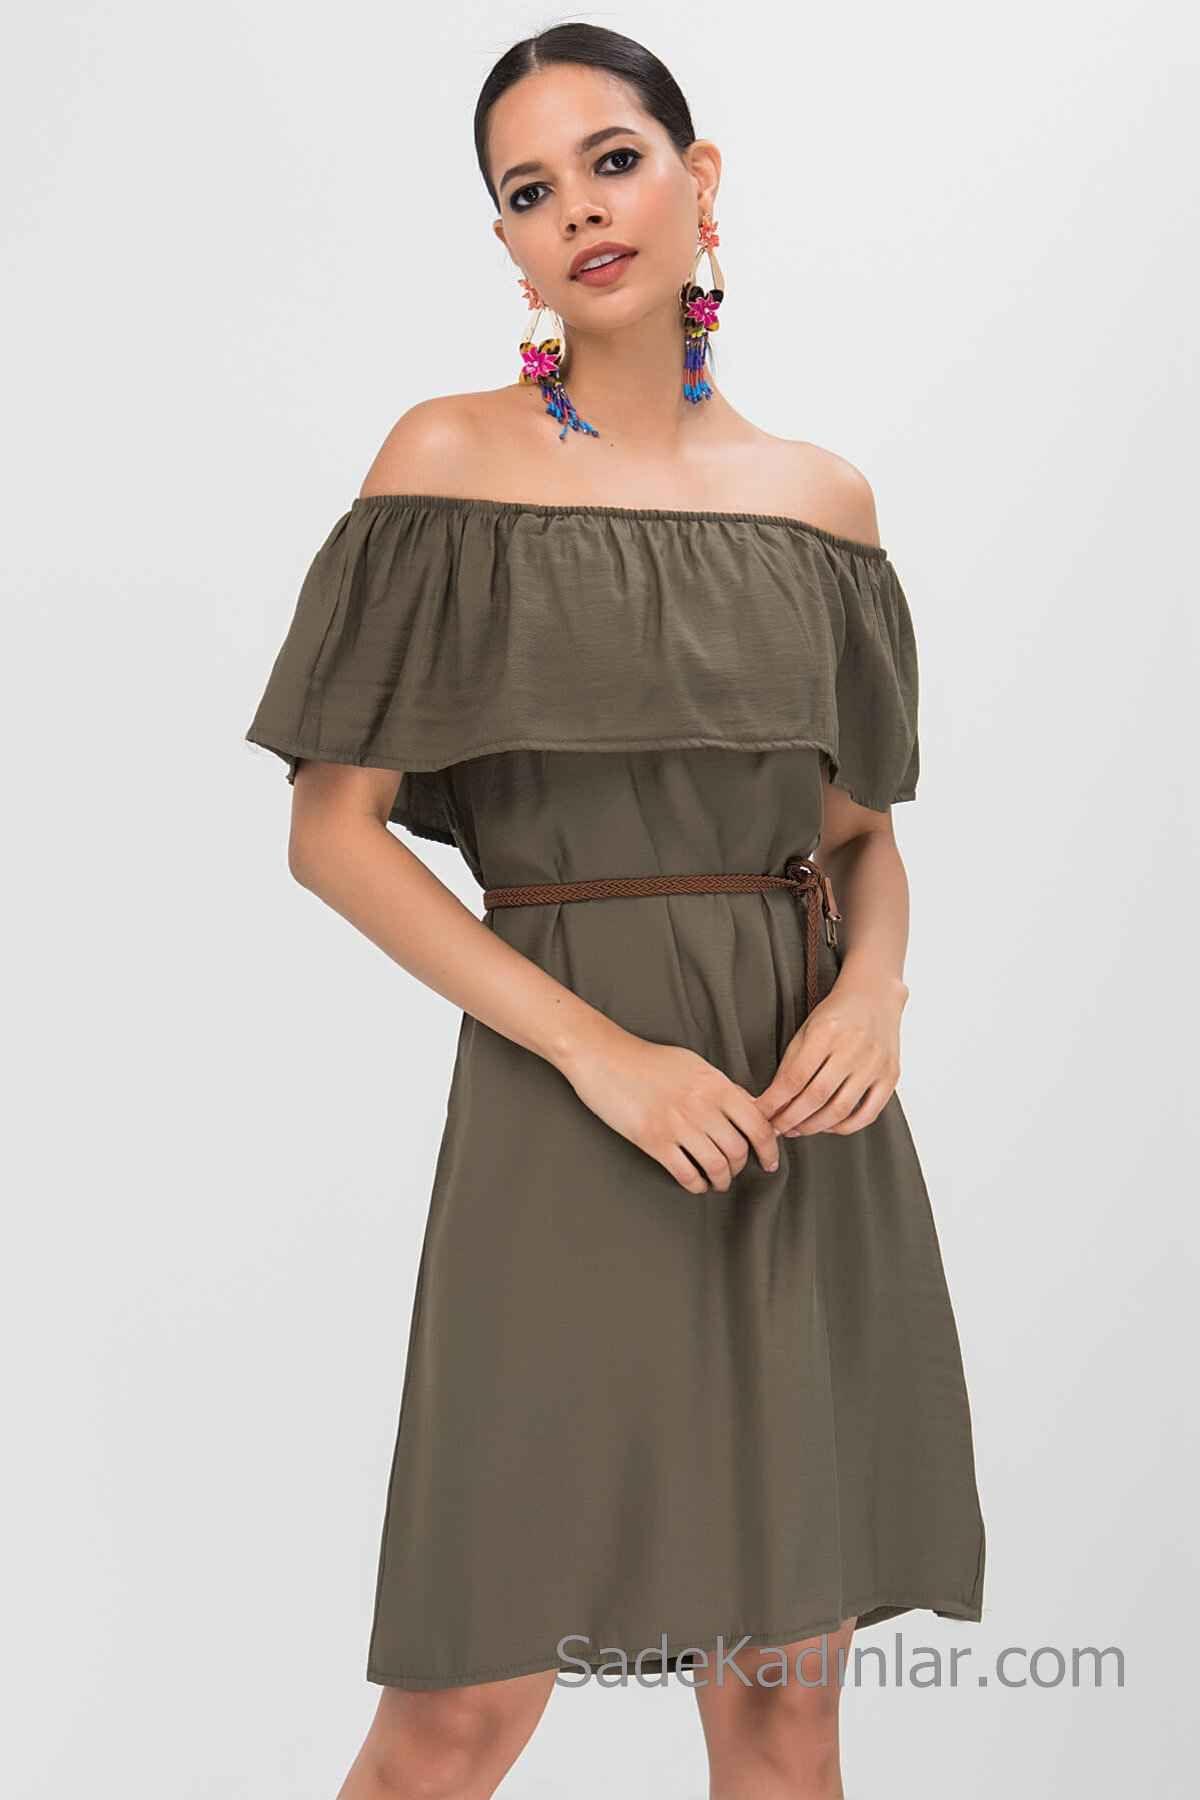 2020 Gunluk Keten Elbise Modelleri Haki Kisa Omzu Acik Dusuk Kol Firfirli Yaka Kemerli Elbise Modelleri Elbise Elbiseler